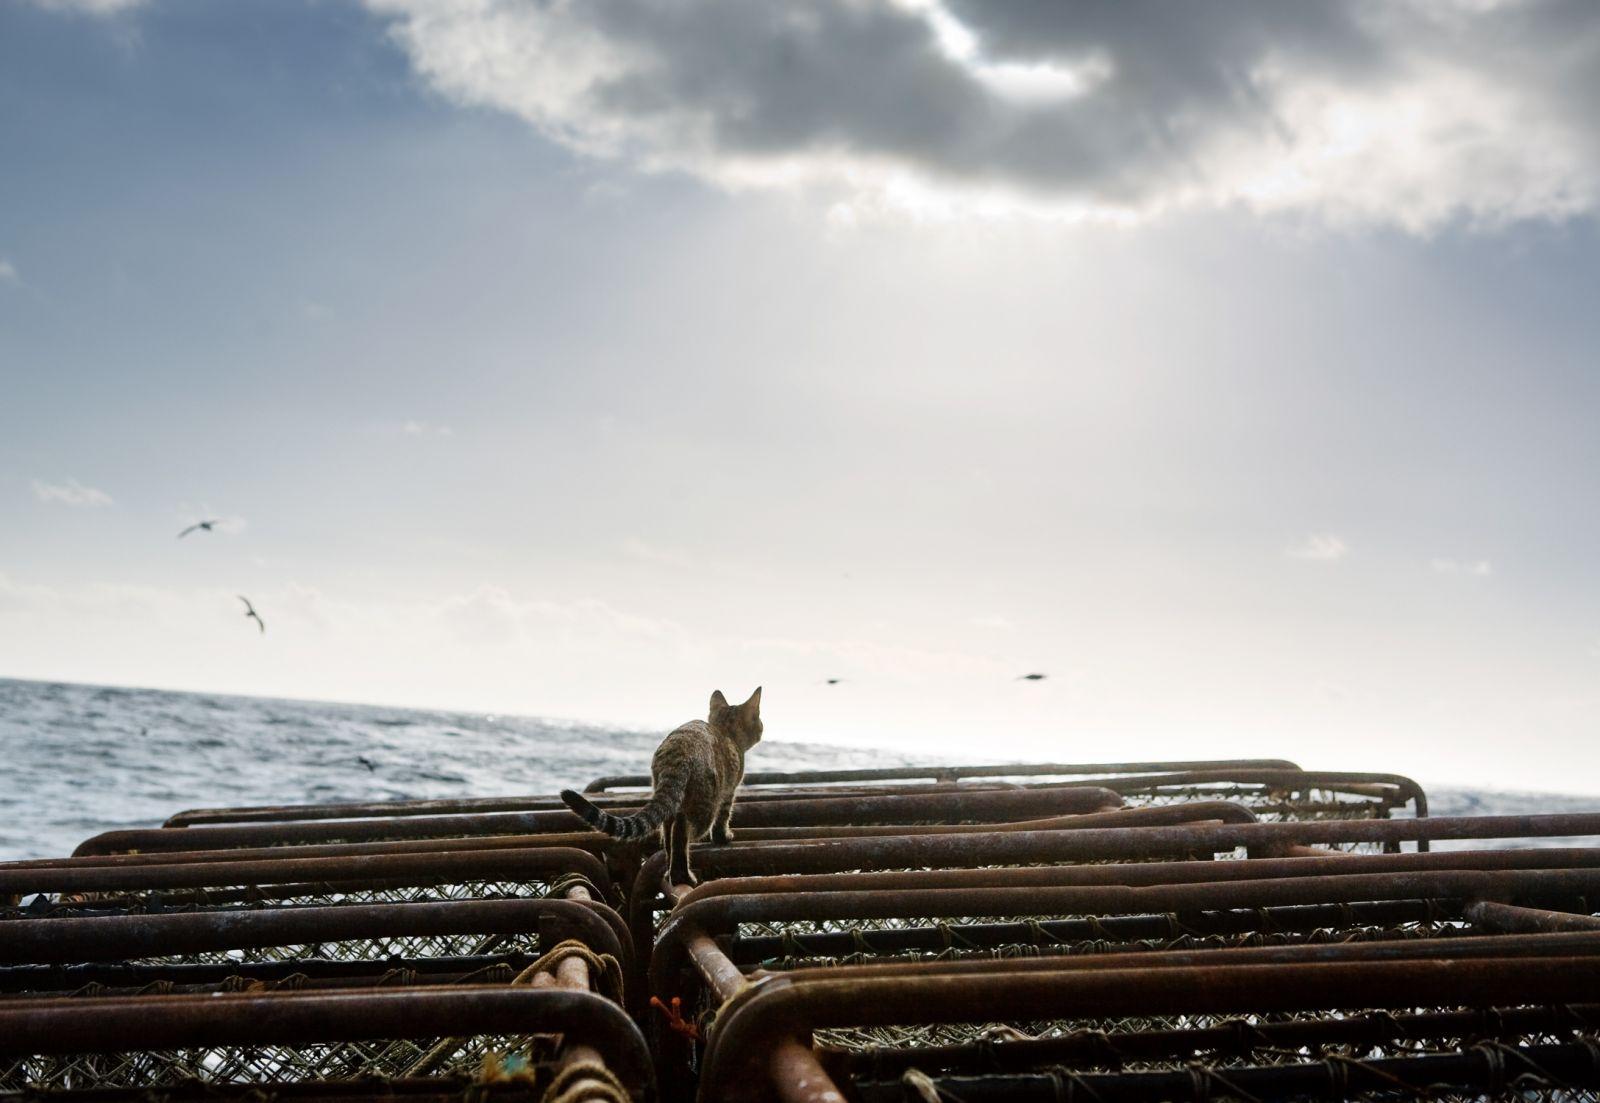 Corey Arnold, Sea Kitty's Journey, 2006